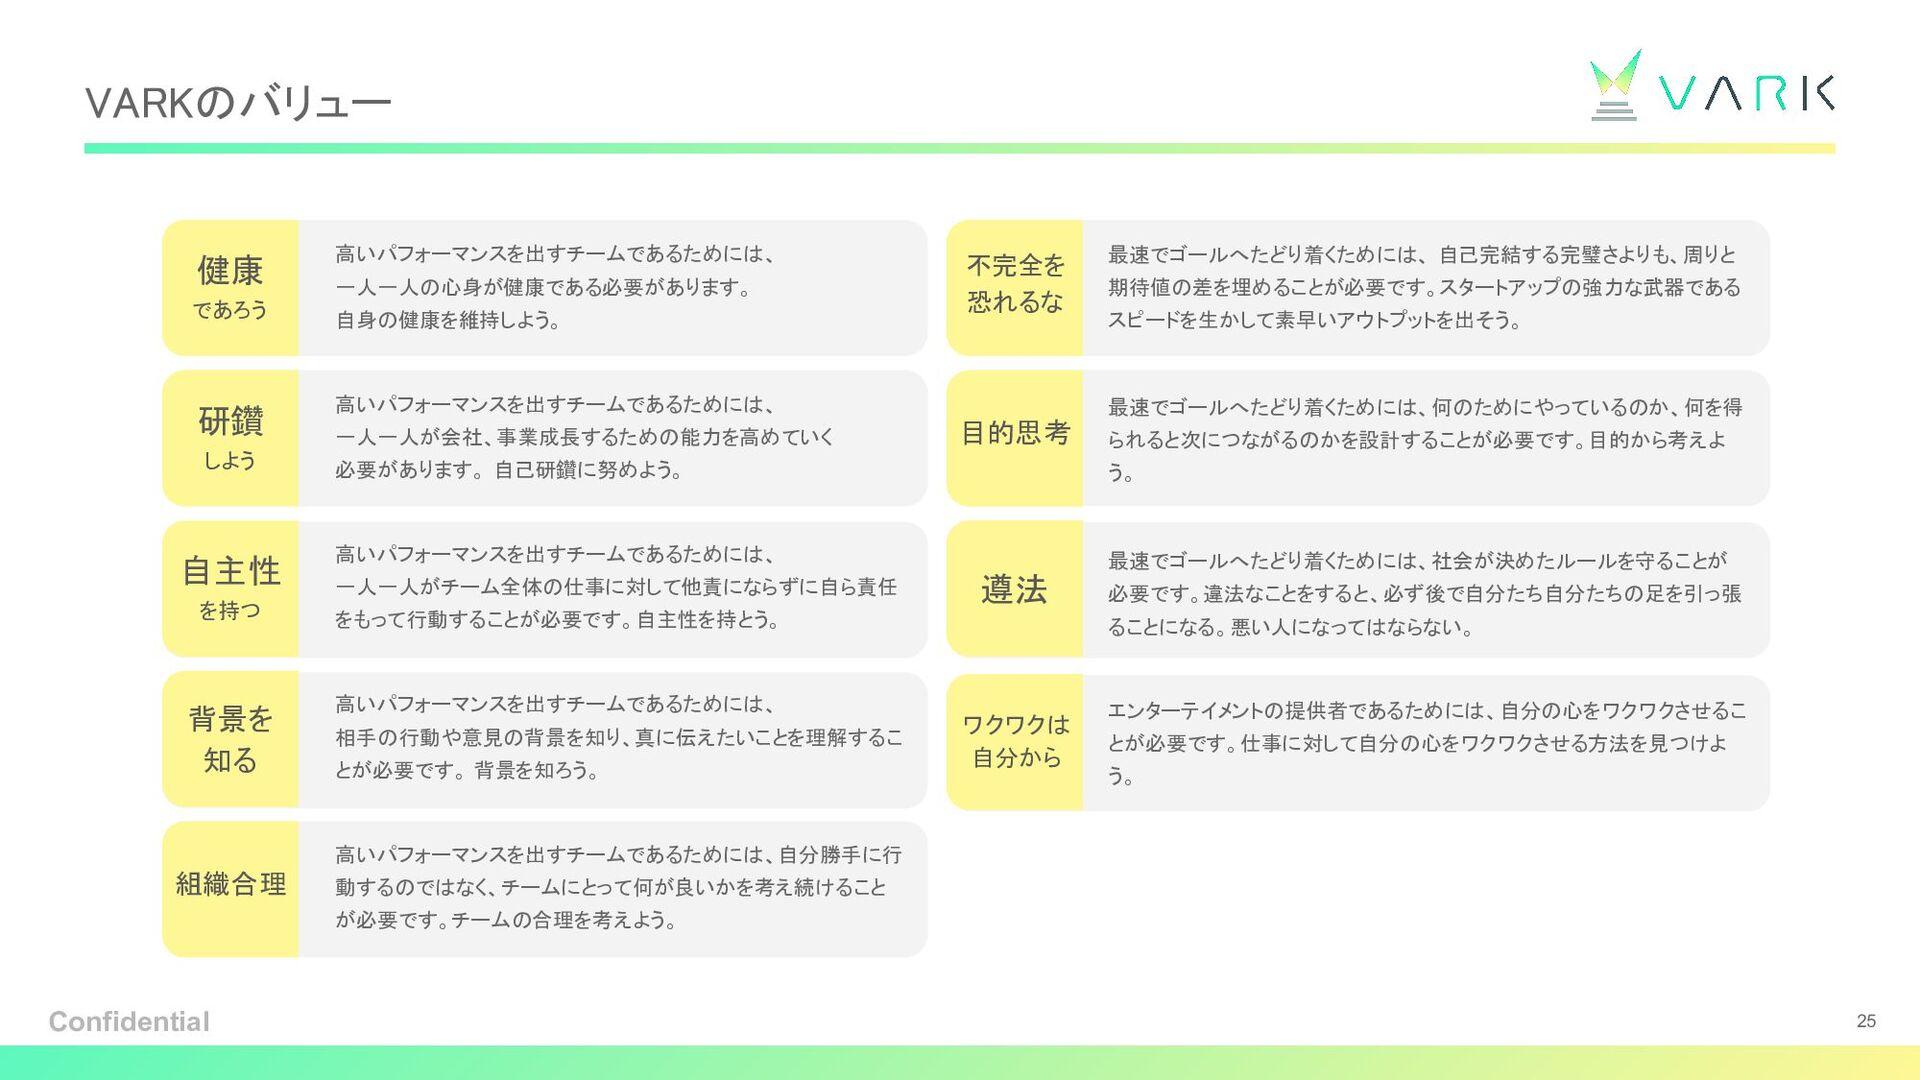 MISSION VARKのミッション・ビジョン・バリュー ミッション・ビジョン・バリューの詳細...